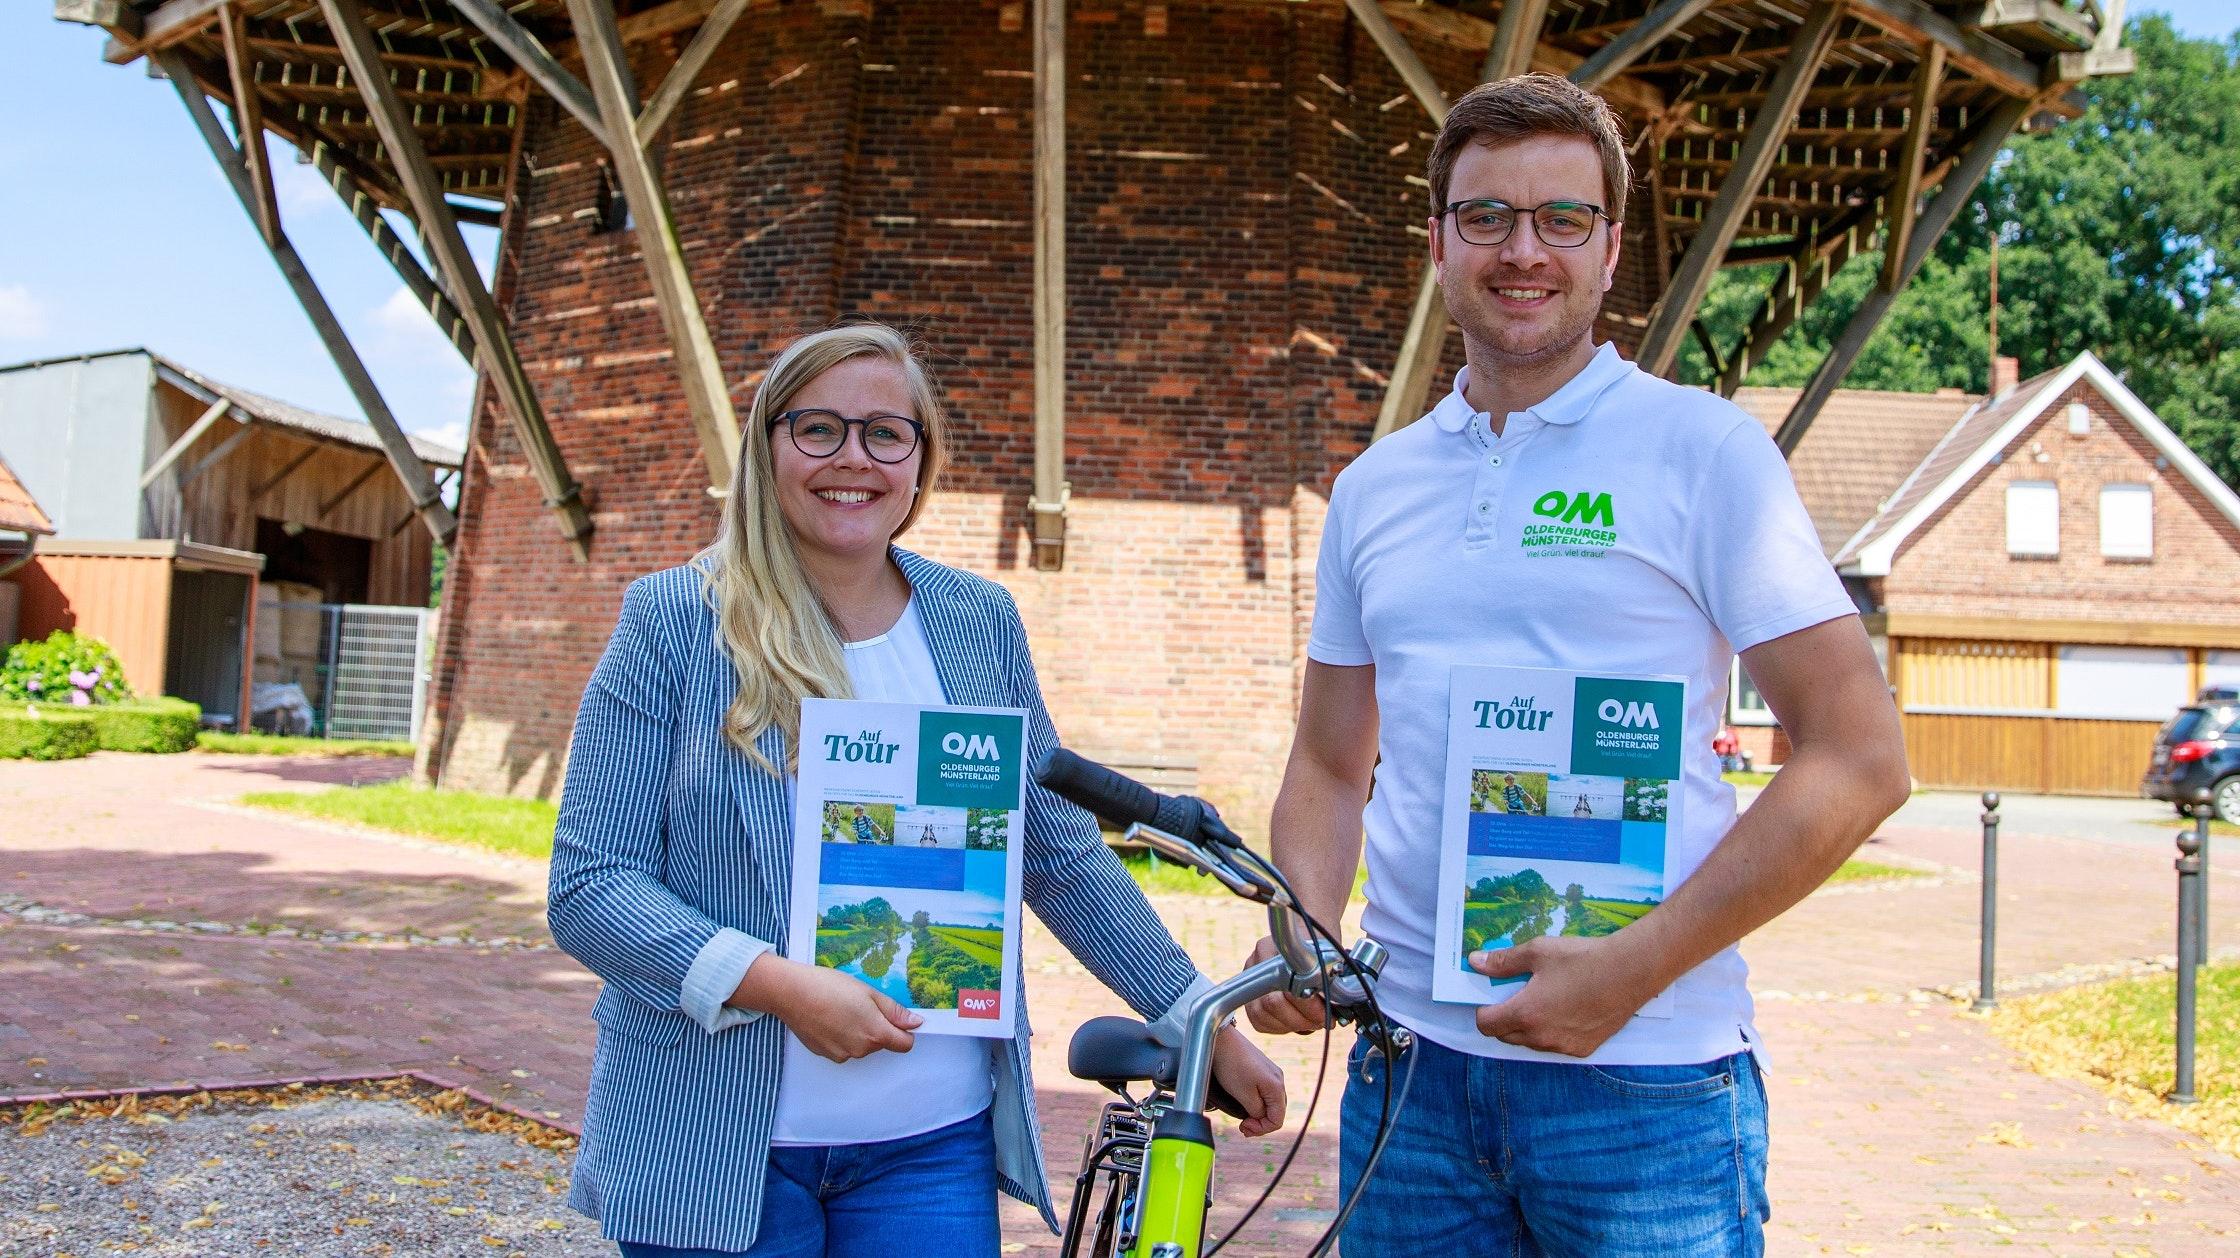 Präsentieren das Magazin: Gesche Lindner und Johannes Knuck vom Verbund Oldenburger Münsterland.Foto: © om-tourismus.de